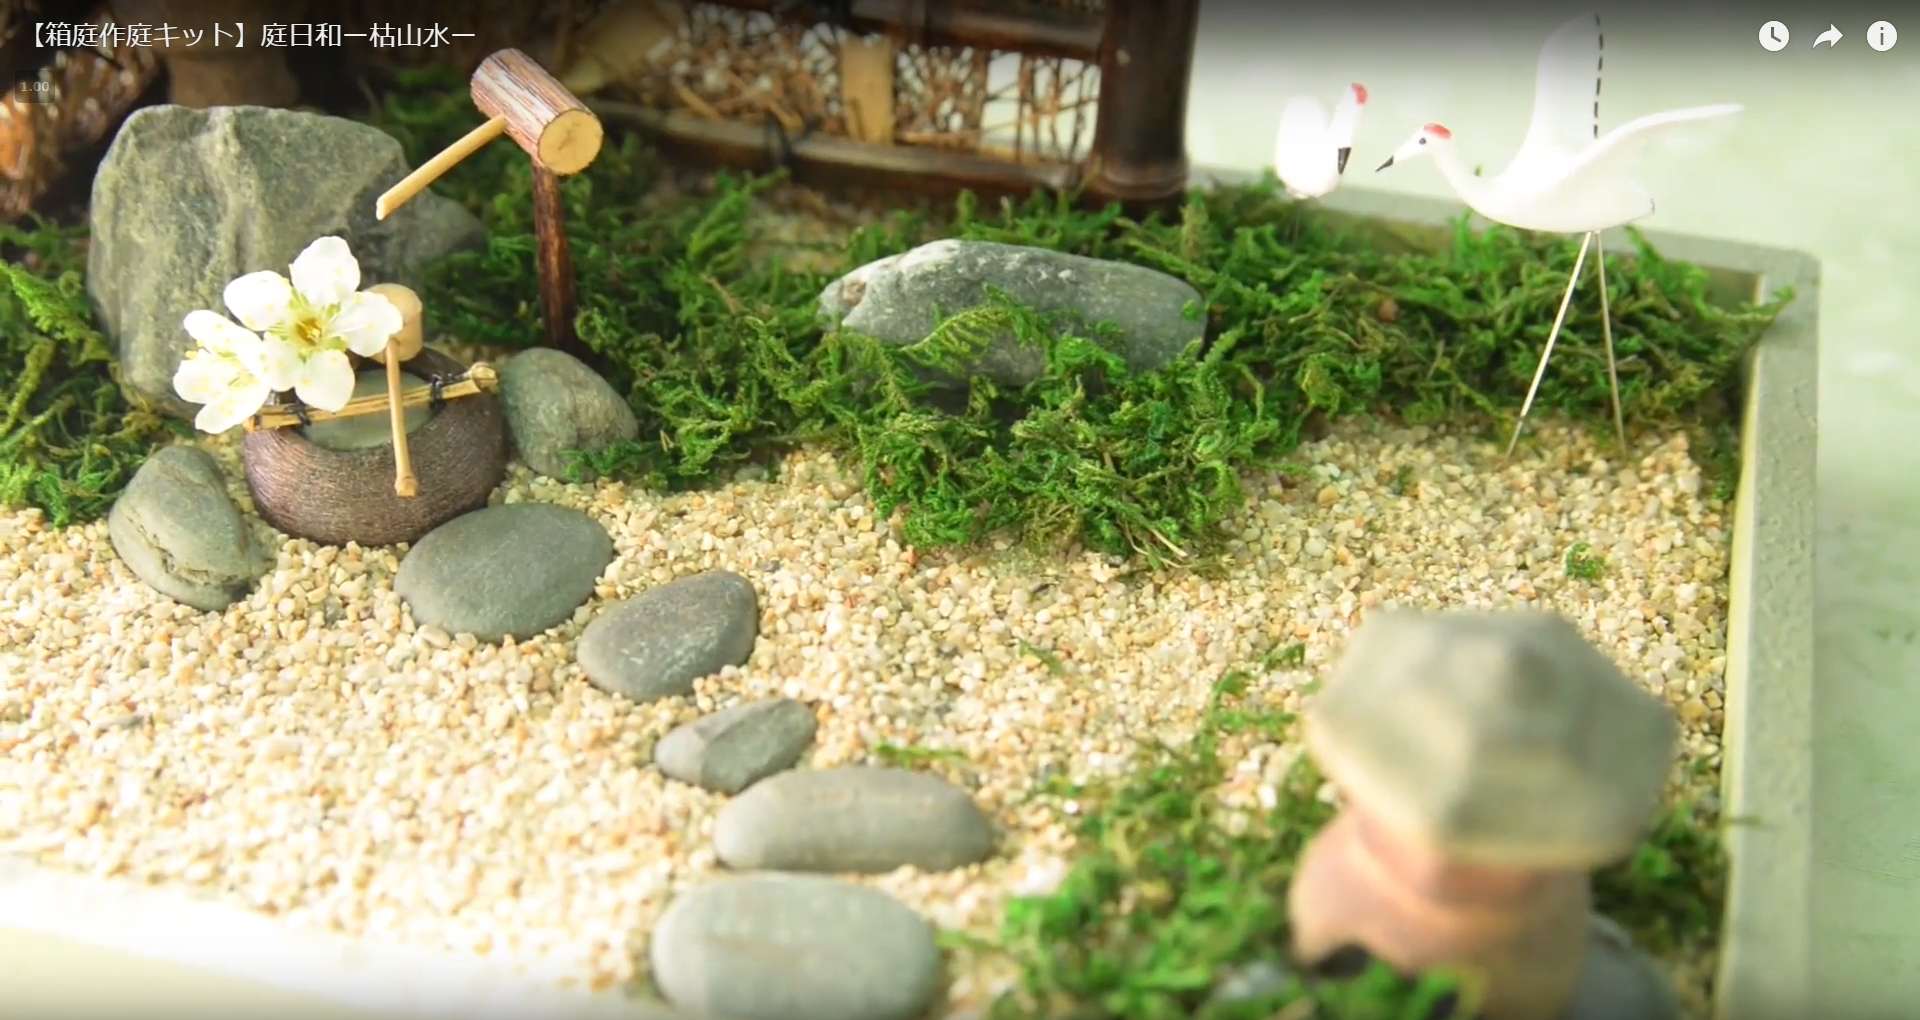 【箱庭作庭キット】庭日和ー枯山水ー アート水琴窟工房のネットショップから引用